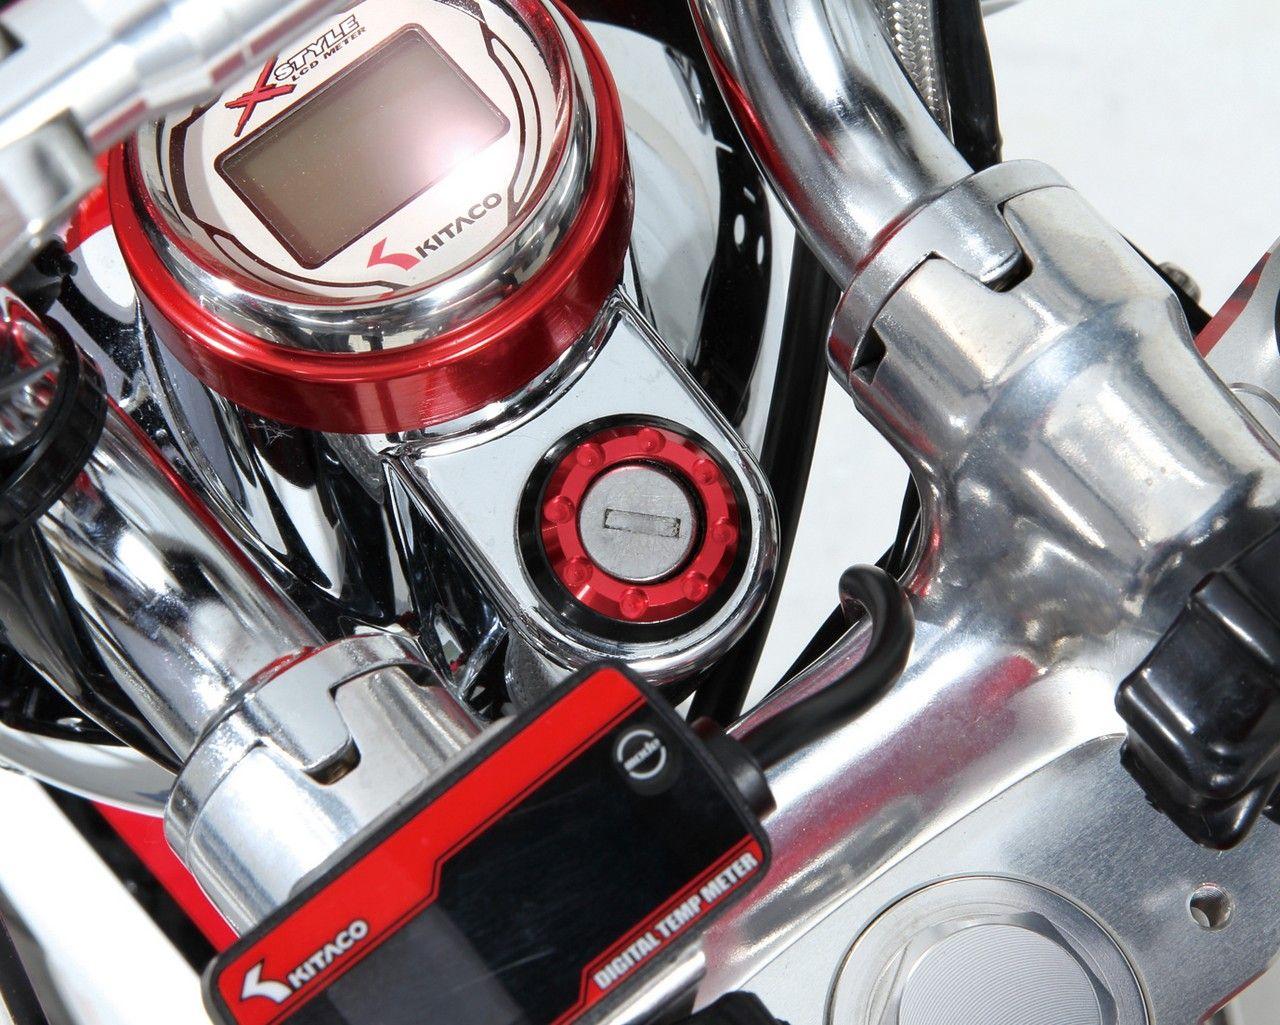 【KITACO】鋁合金鑰匙孔外圈飾蓋 - 「Webike-摩托百貨」